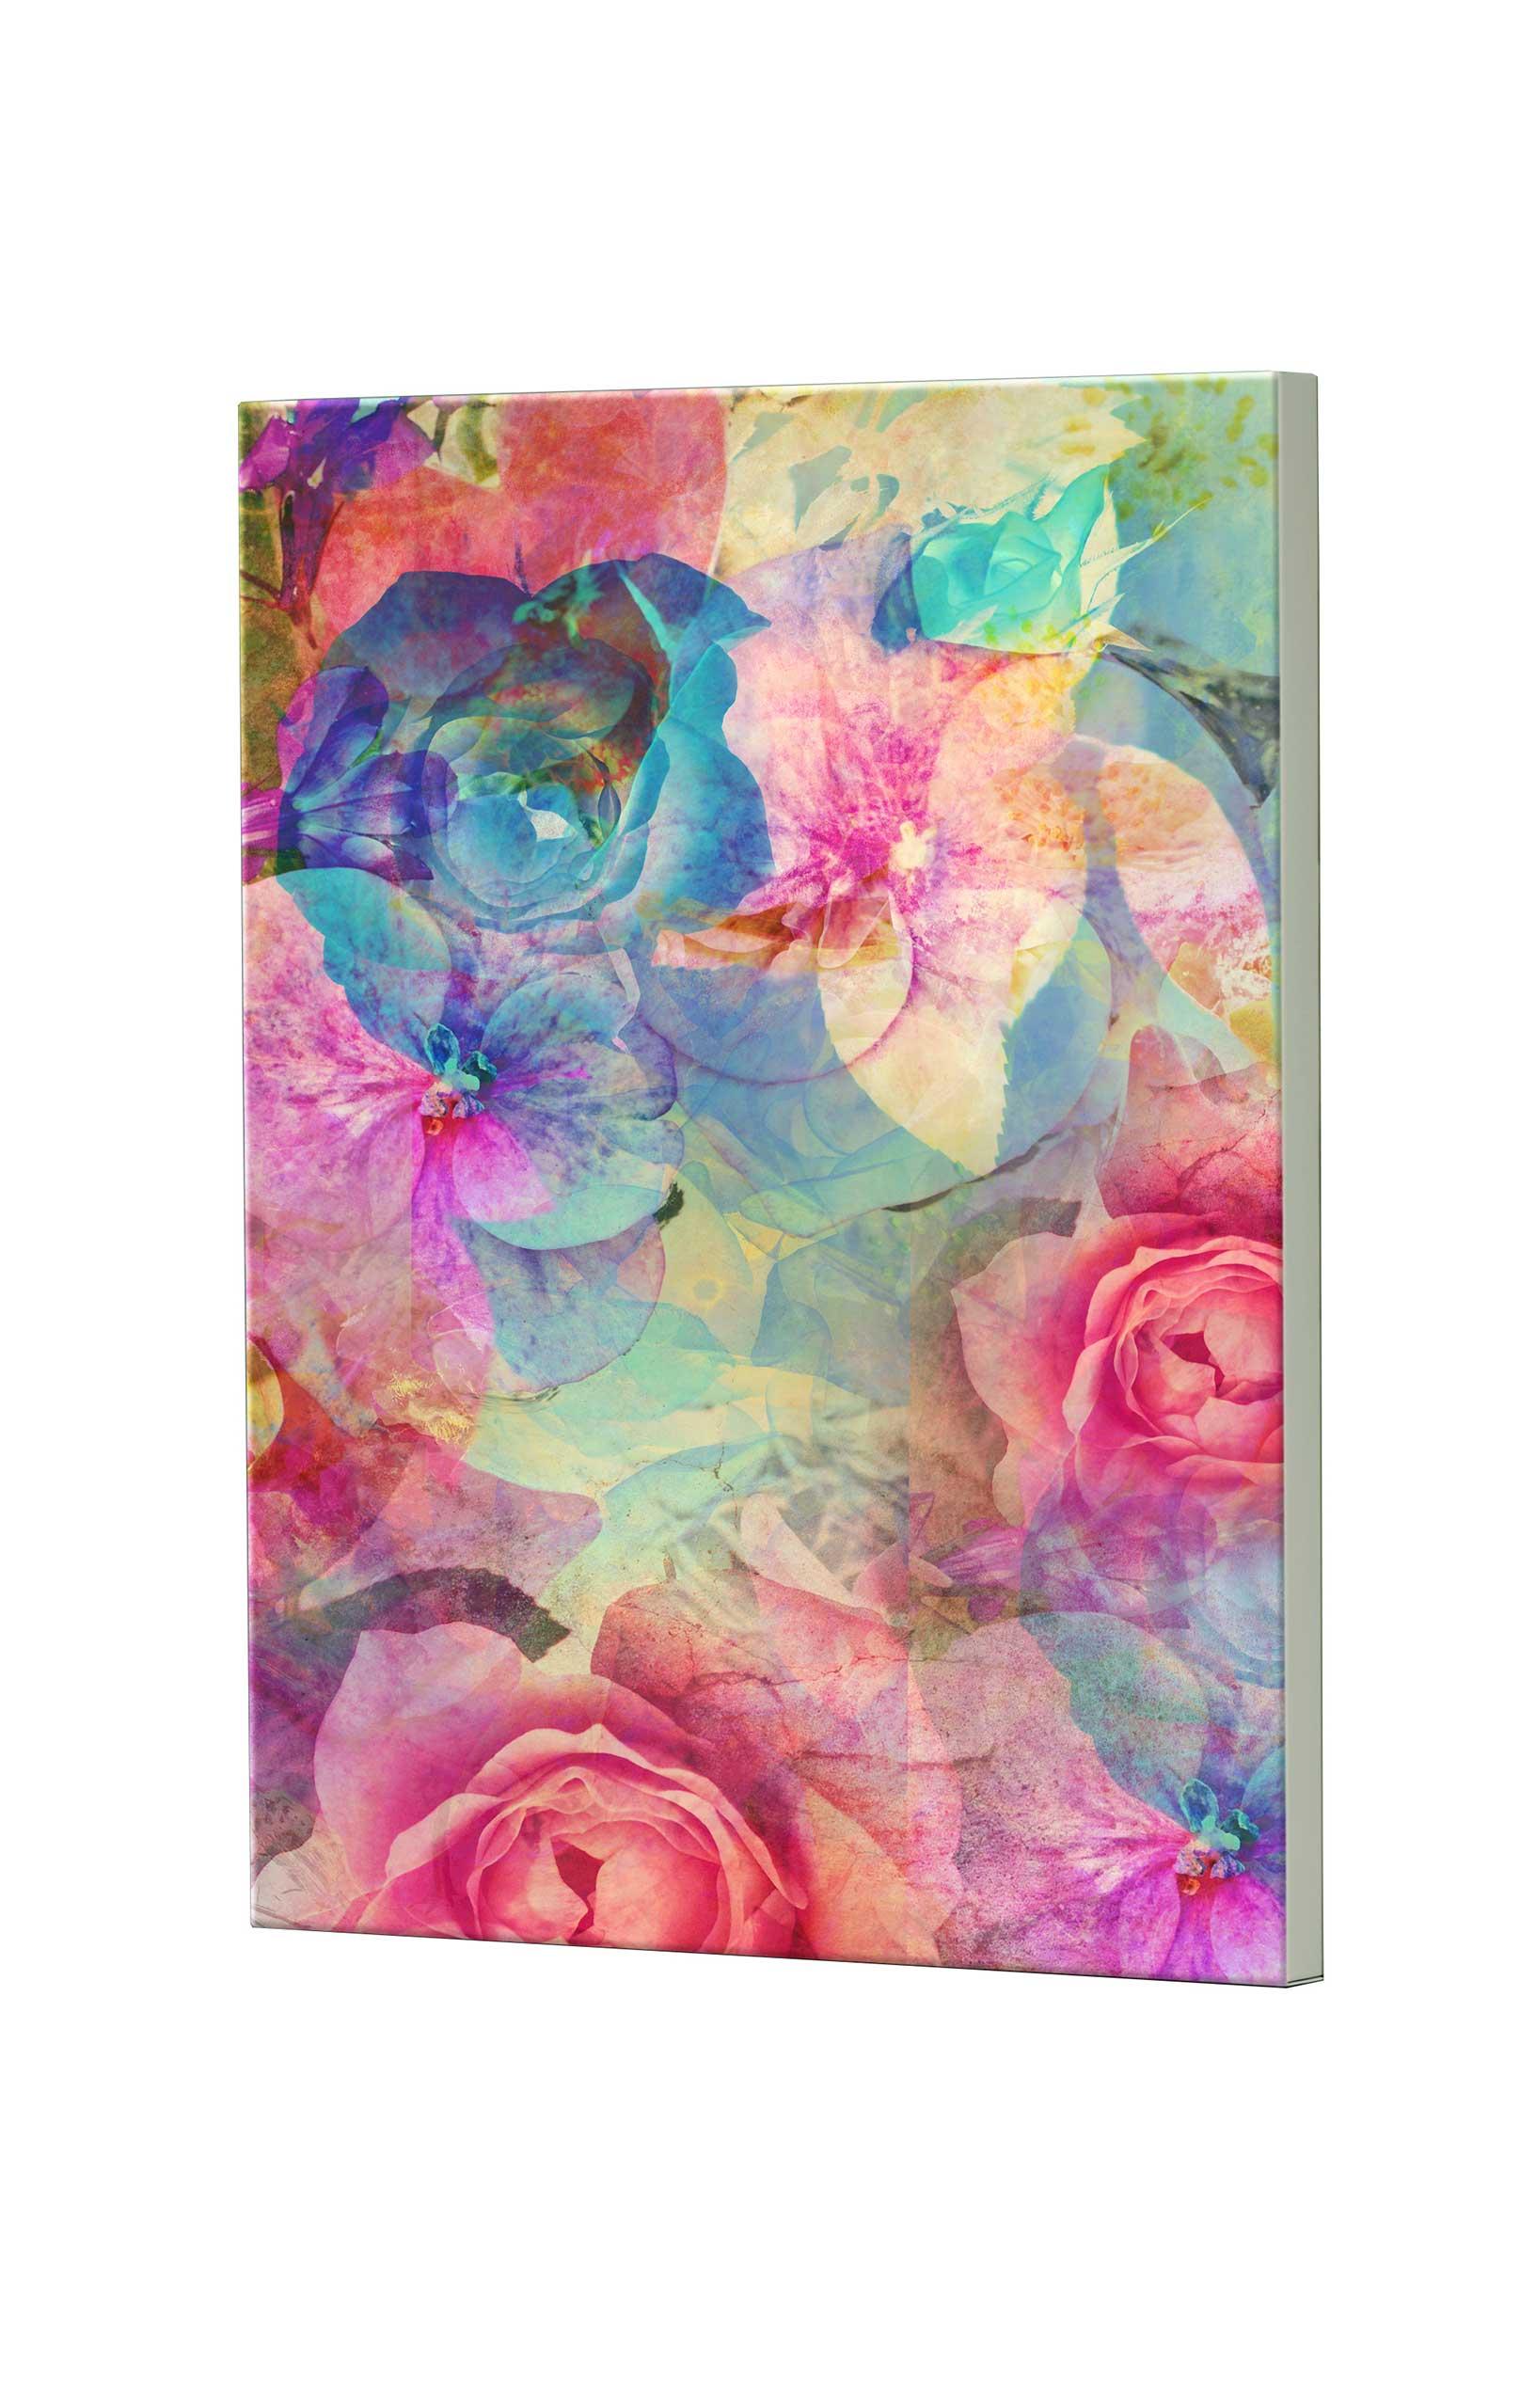 Magnettafel NOTIZ 60x80cm Motiv Blumen MDH151 Motiv-Pinnwand